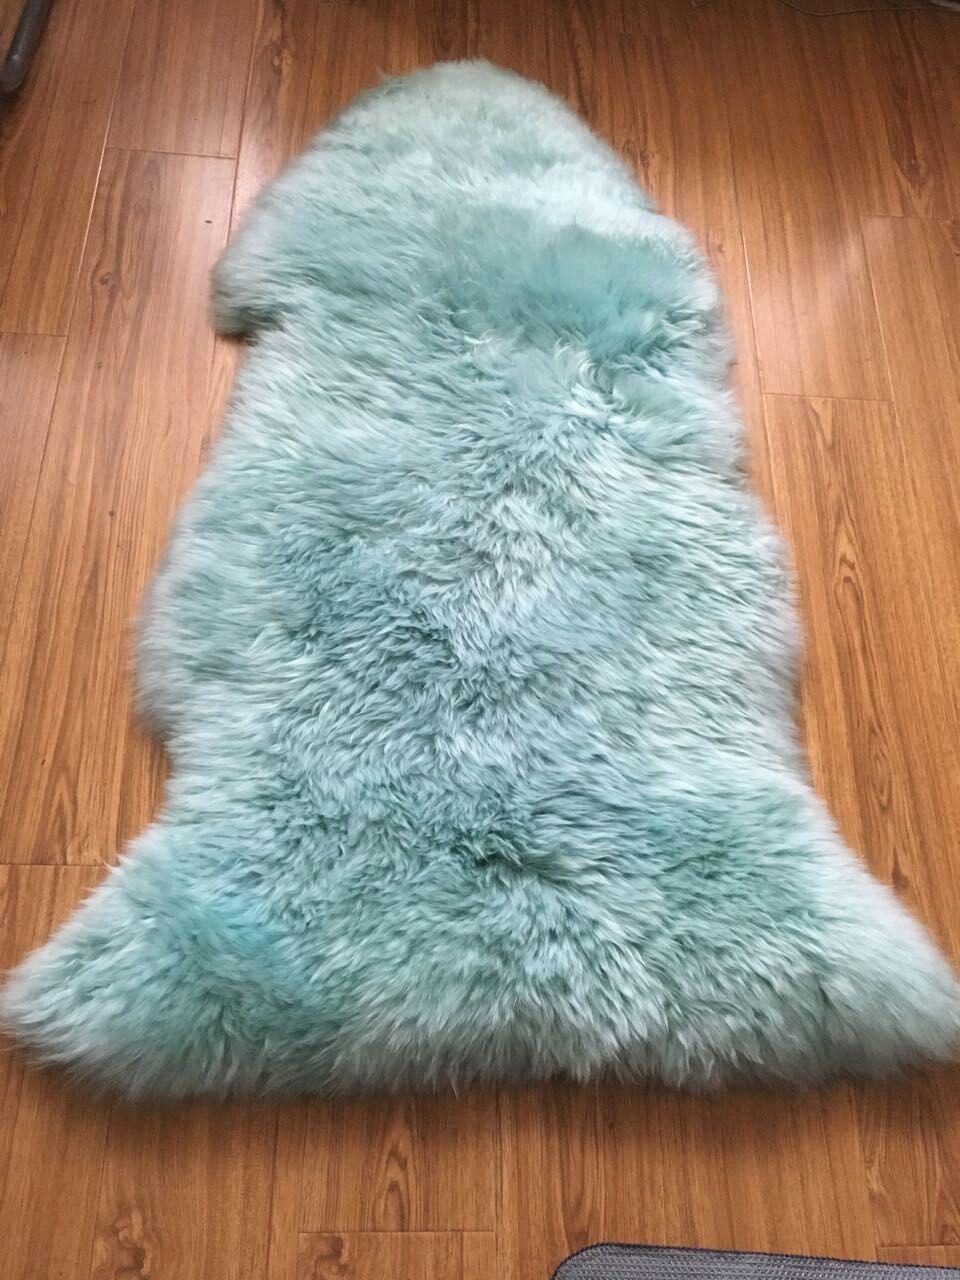 Peau de mouton véritable tapis peau de mouton bleu paon australie tapis de laine véritable tapis de fourrure pour chambre tapis de sol baie fenêtre tapis de laine tapis tapis